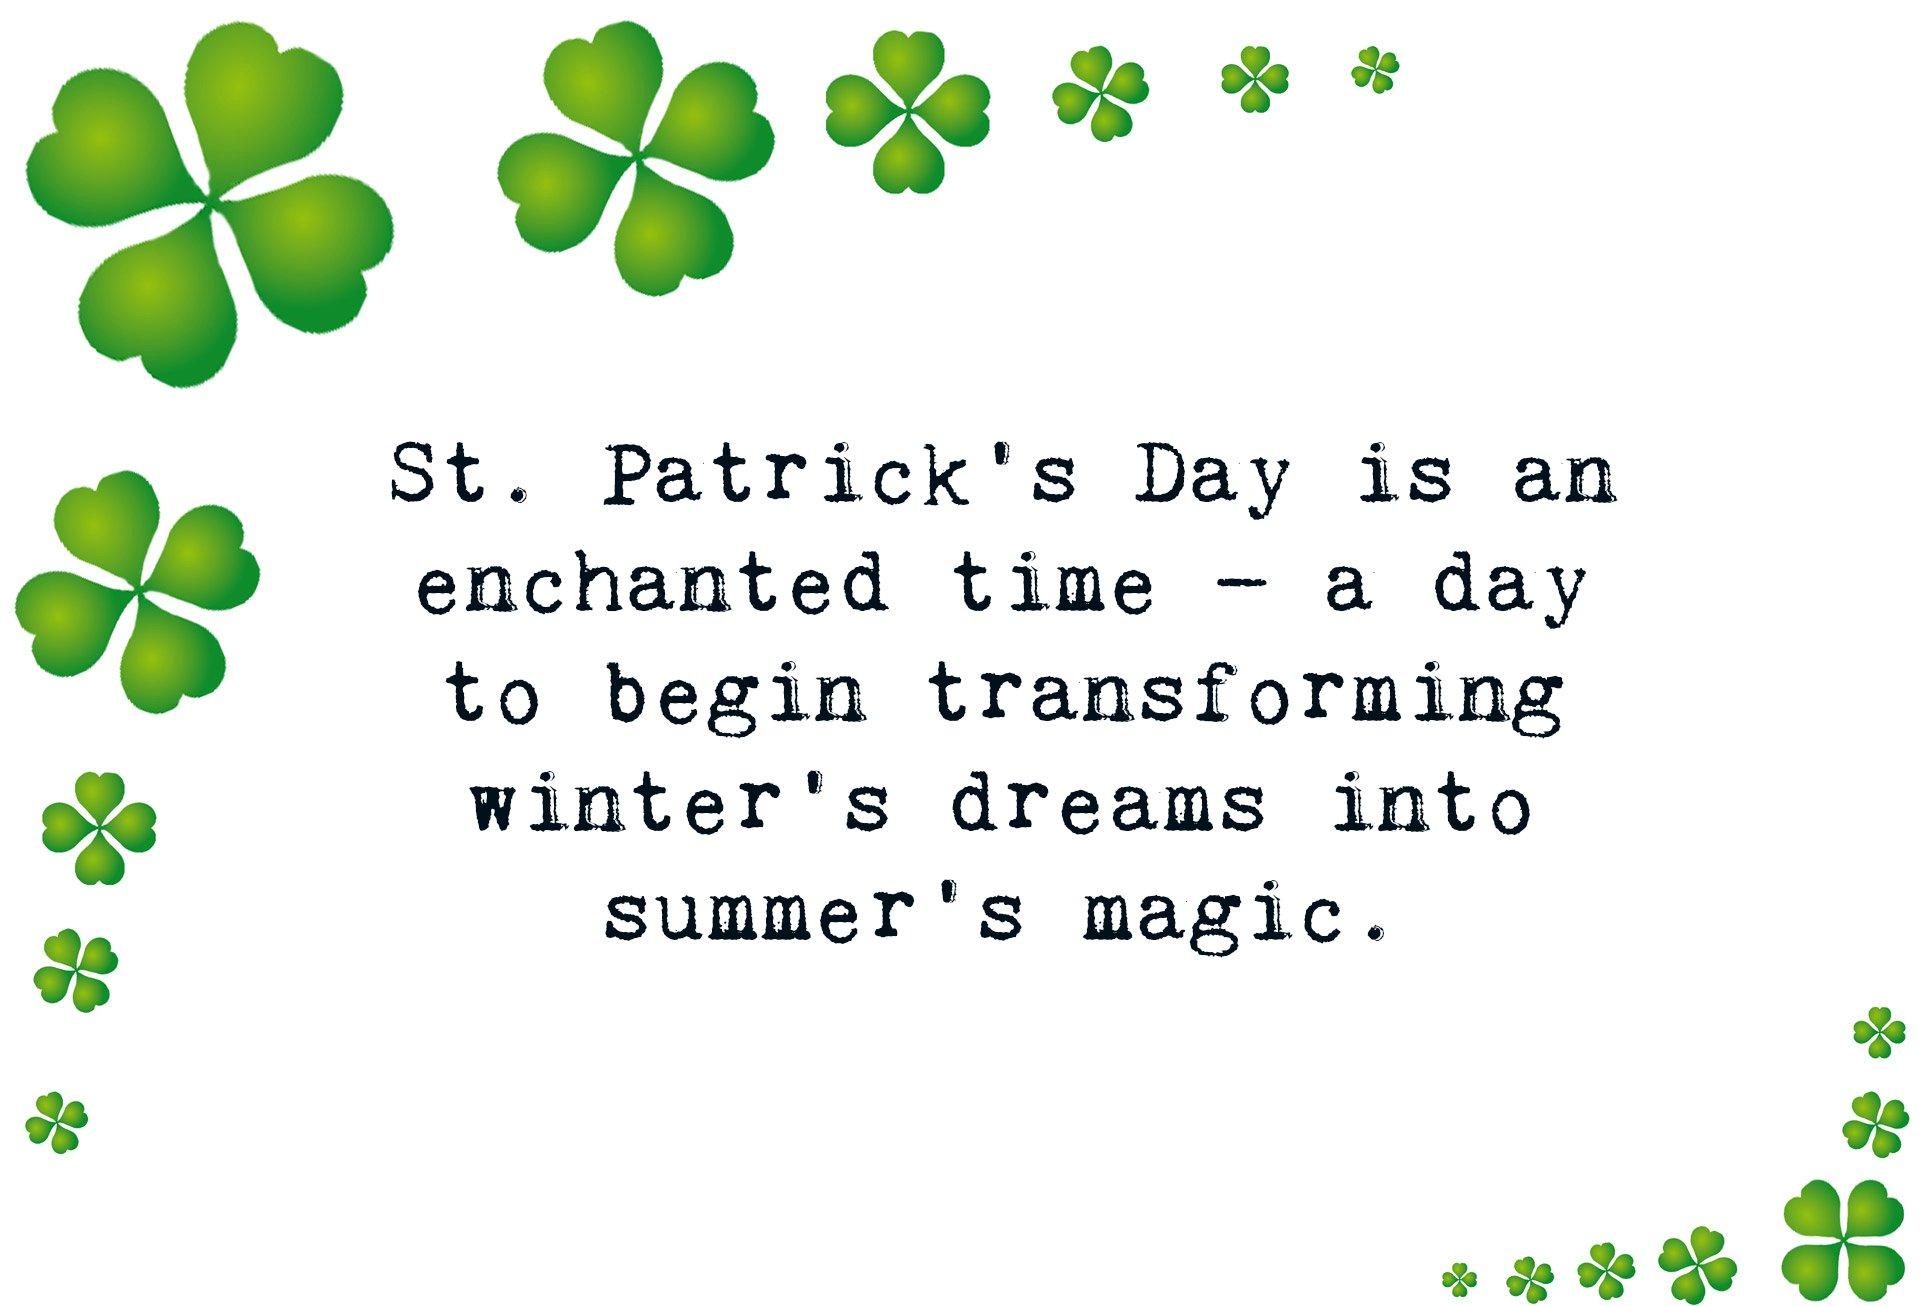 St patricks day saying